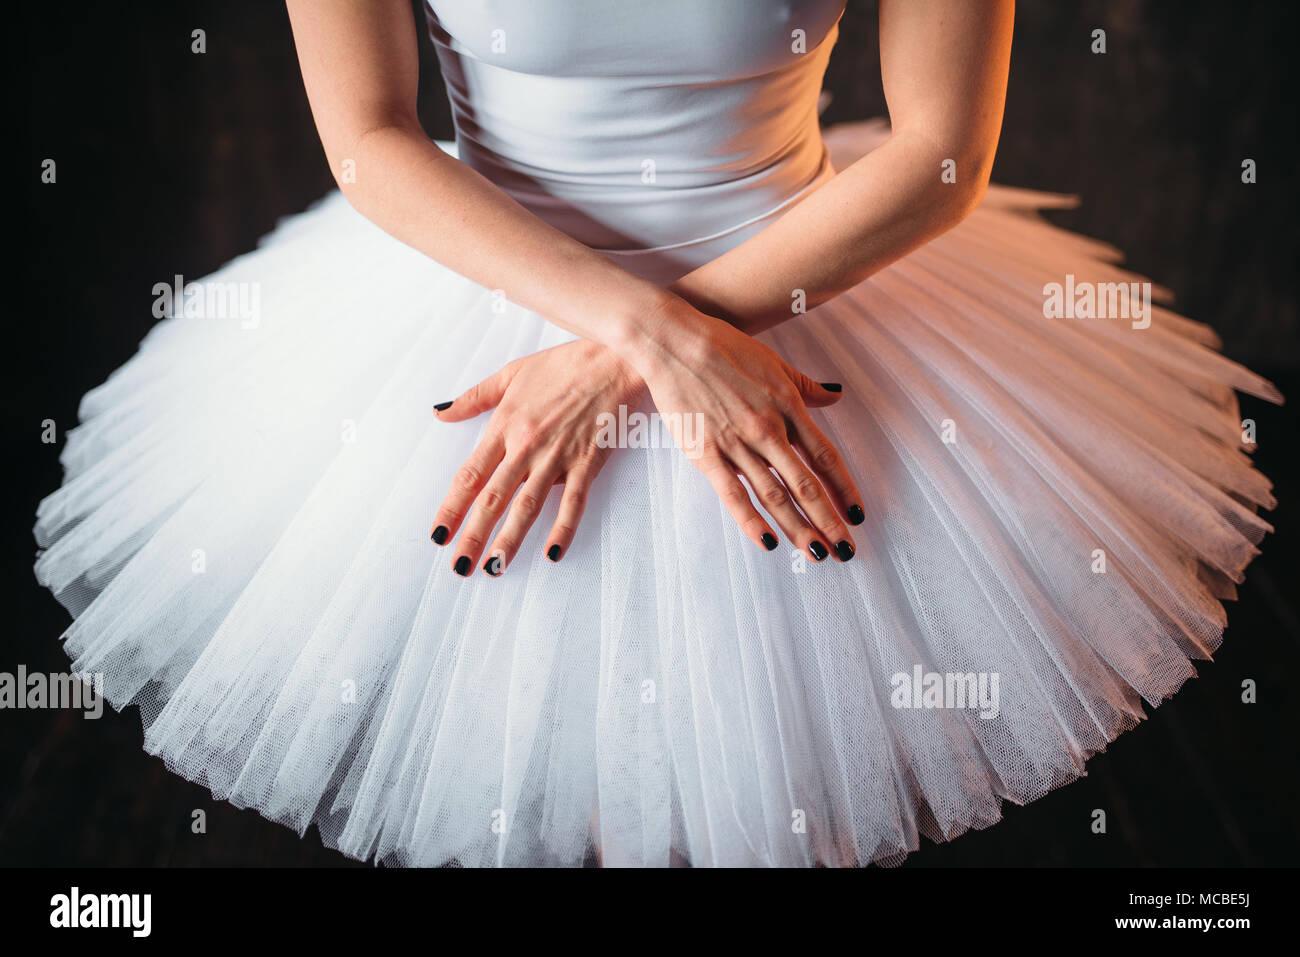 Ballerina classica nel vestire e cross hands Immagini Stock